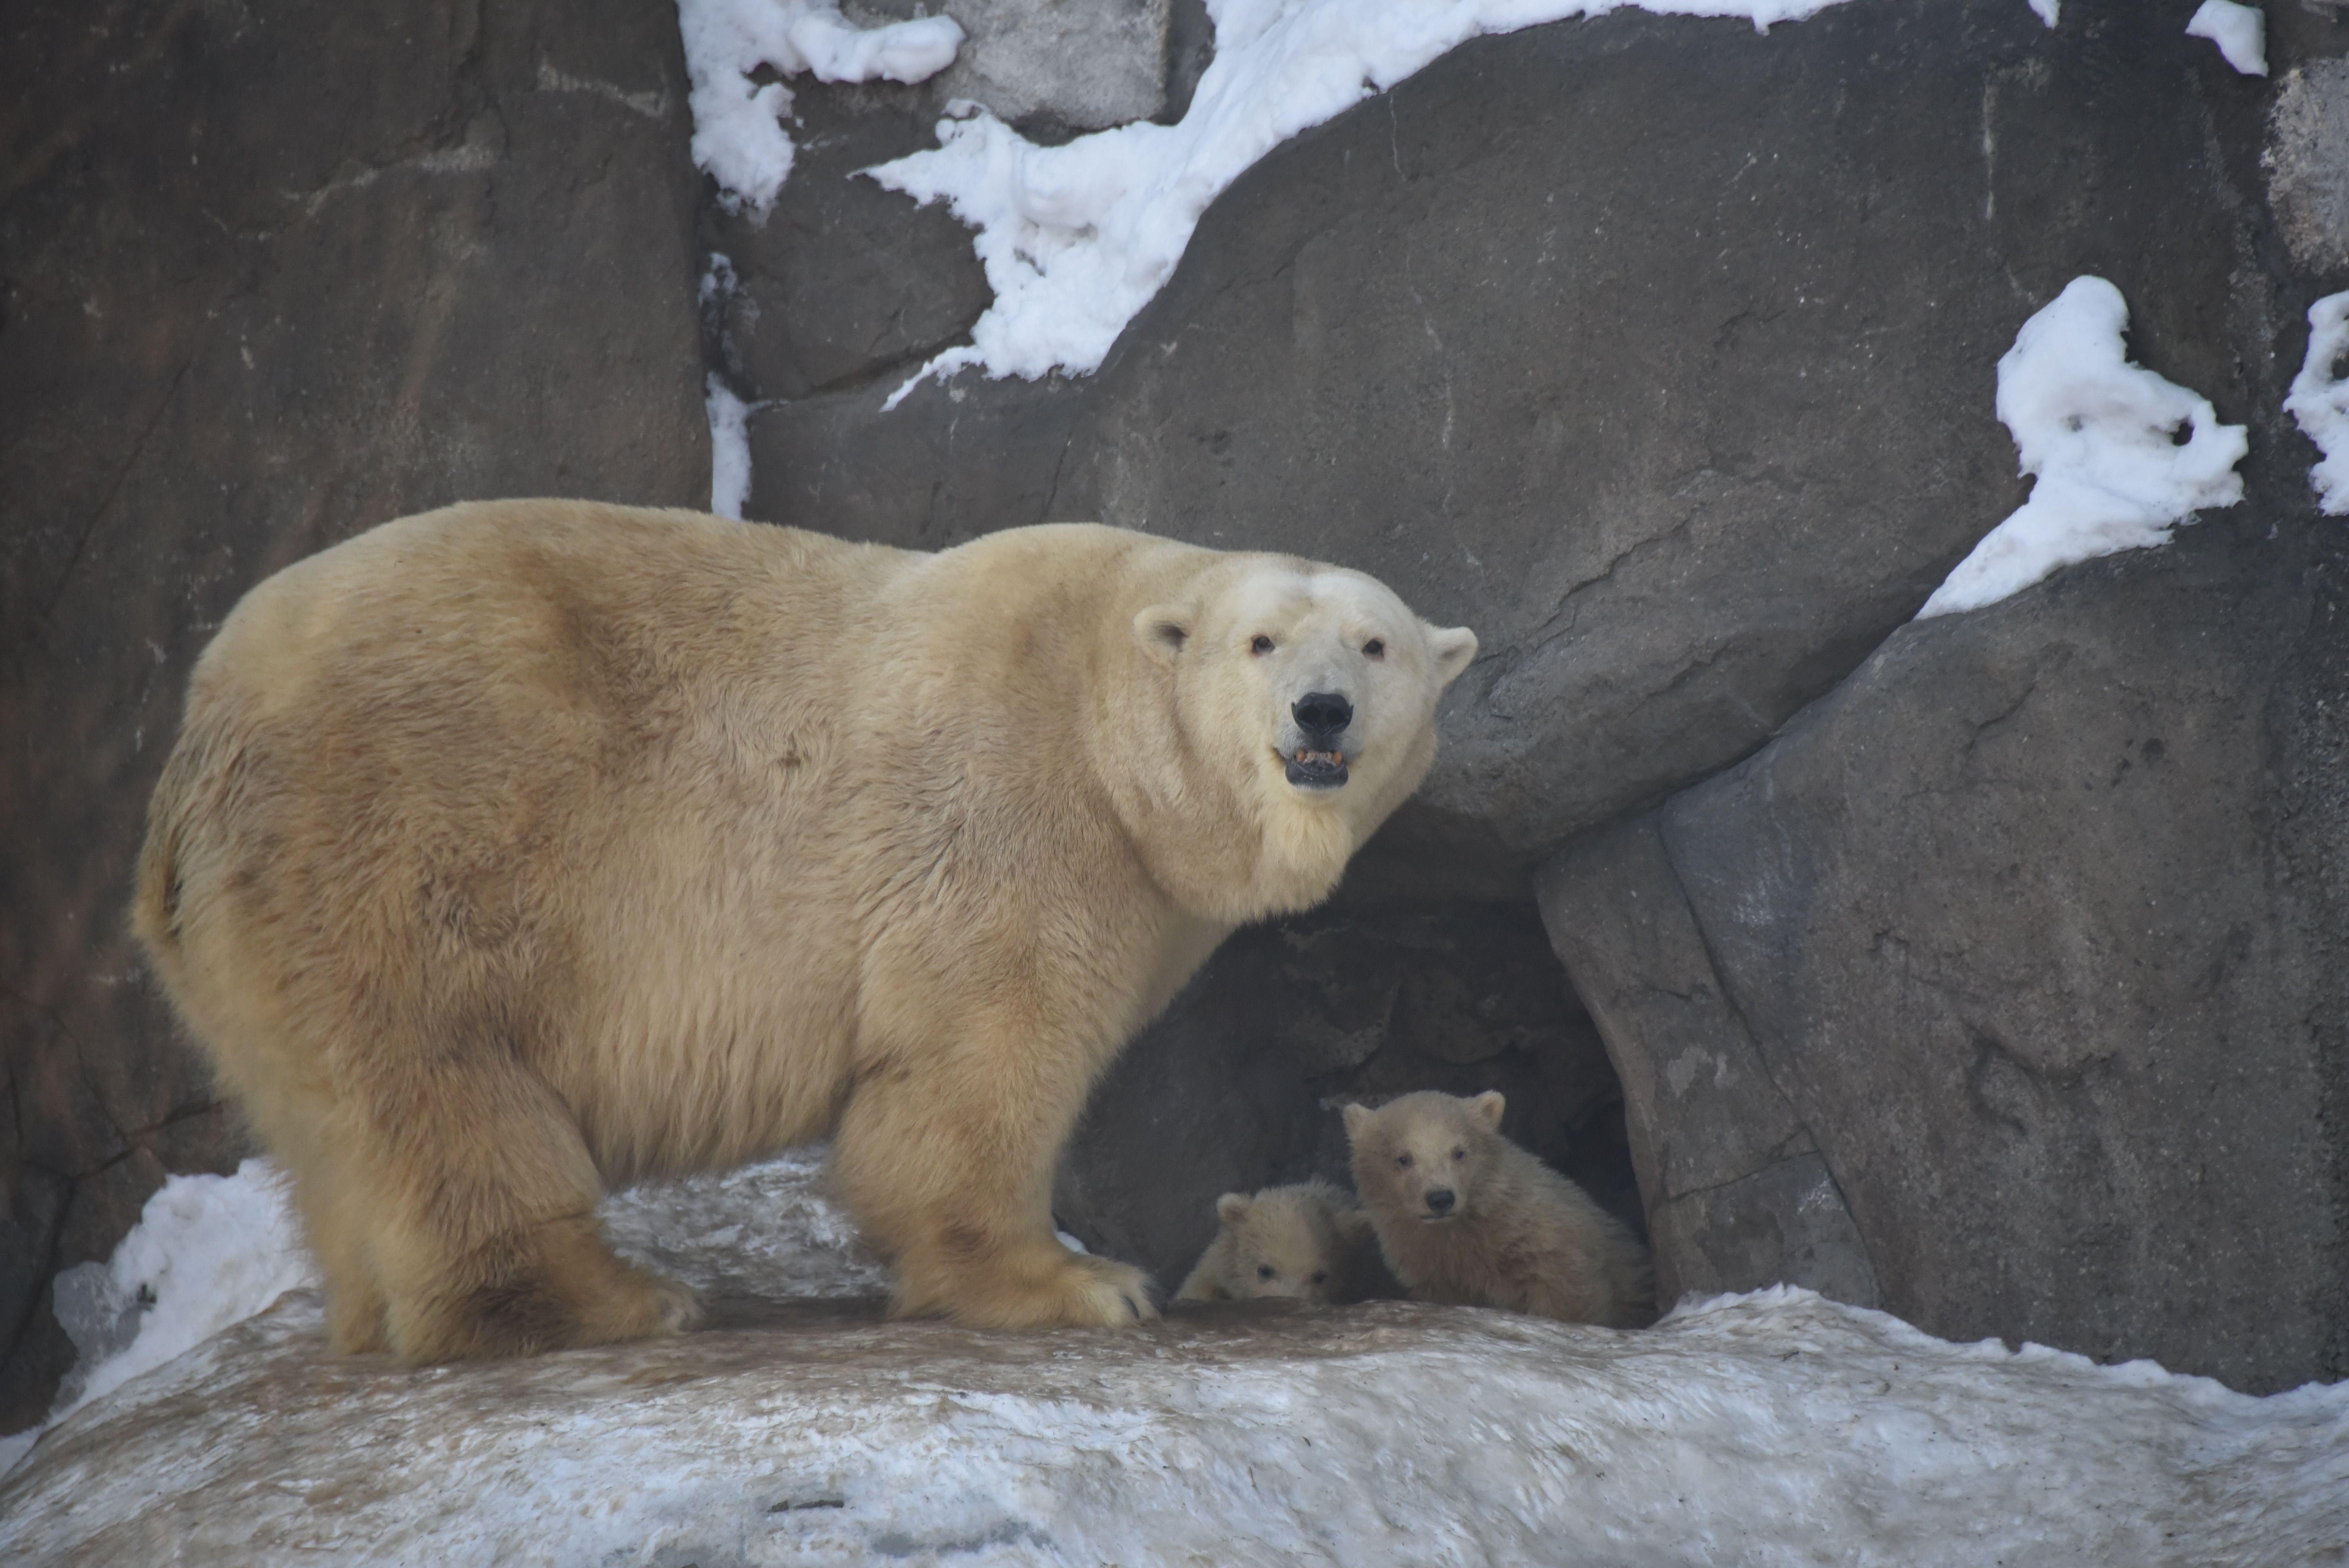 Московский зоопарк пообещал бесплатный вход в День полярного медведя